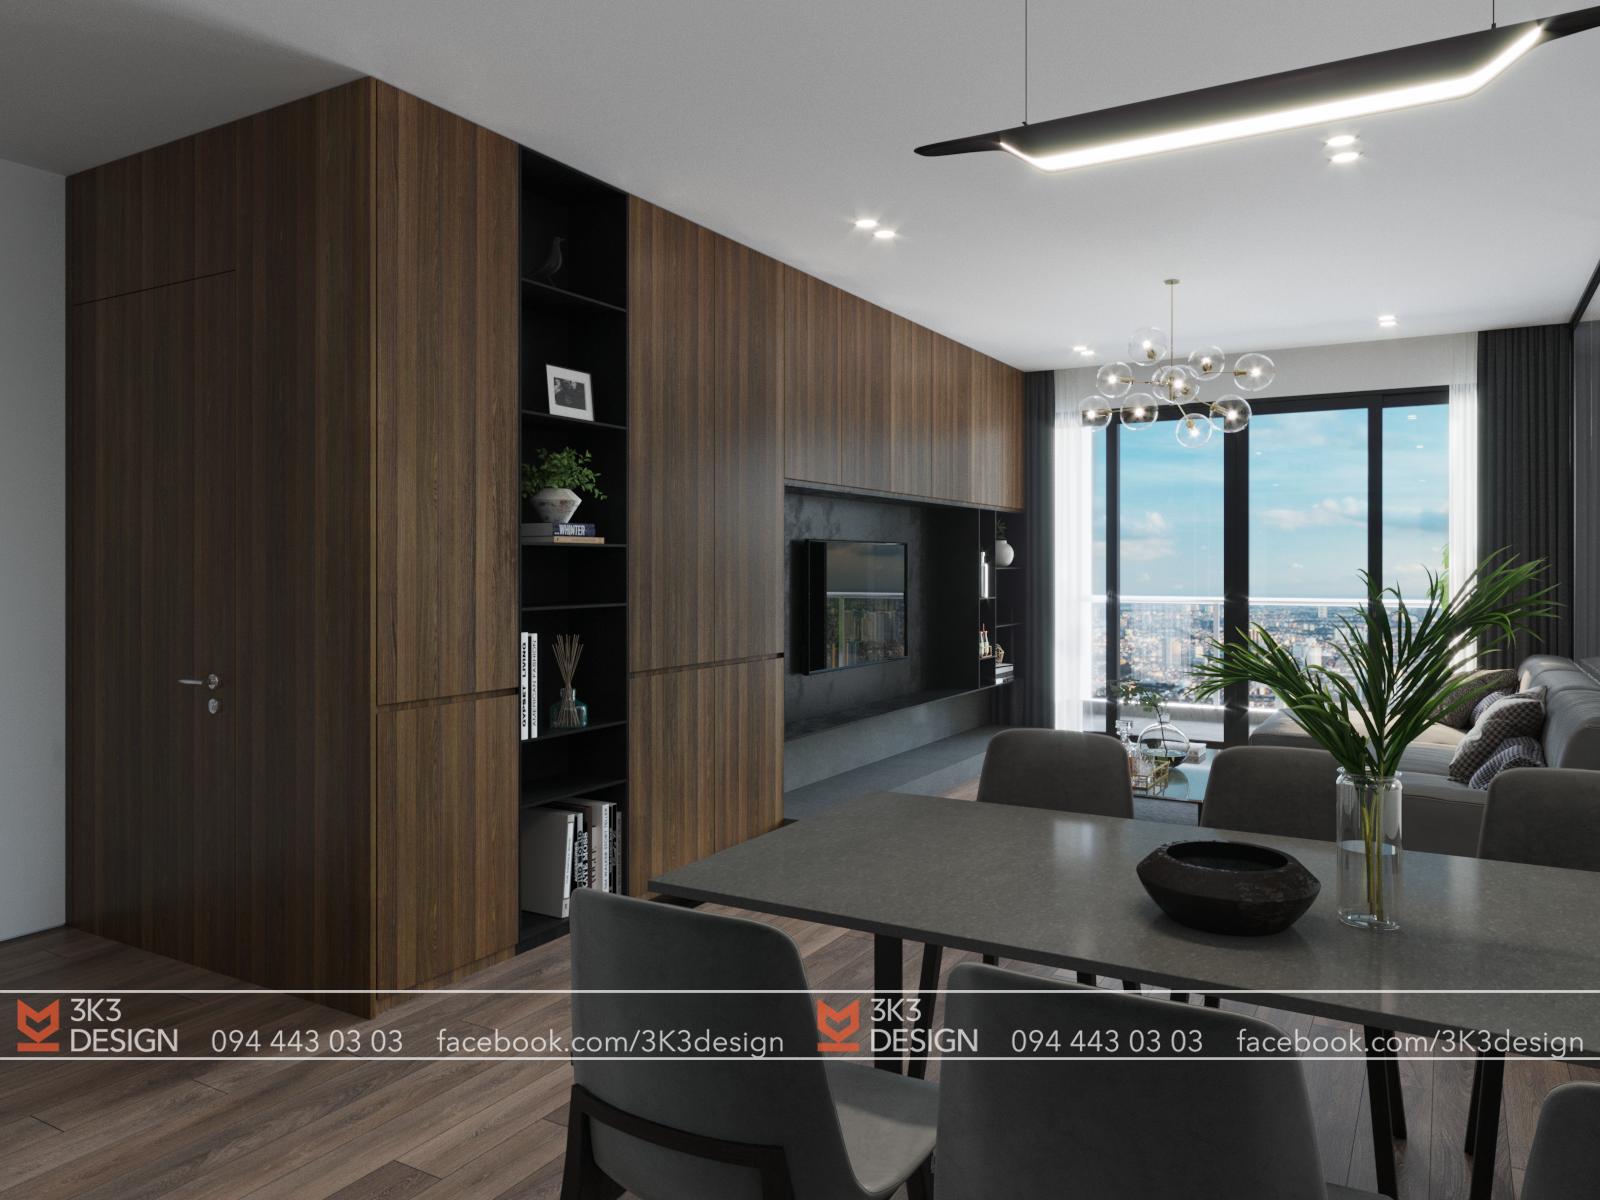 thiết kế nội thất chung cư tại Hà Nội VIMECO APARTMENT 1 1565080499